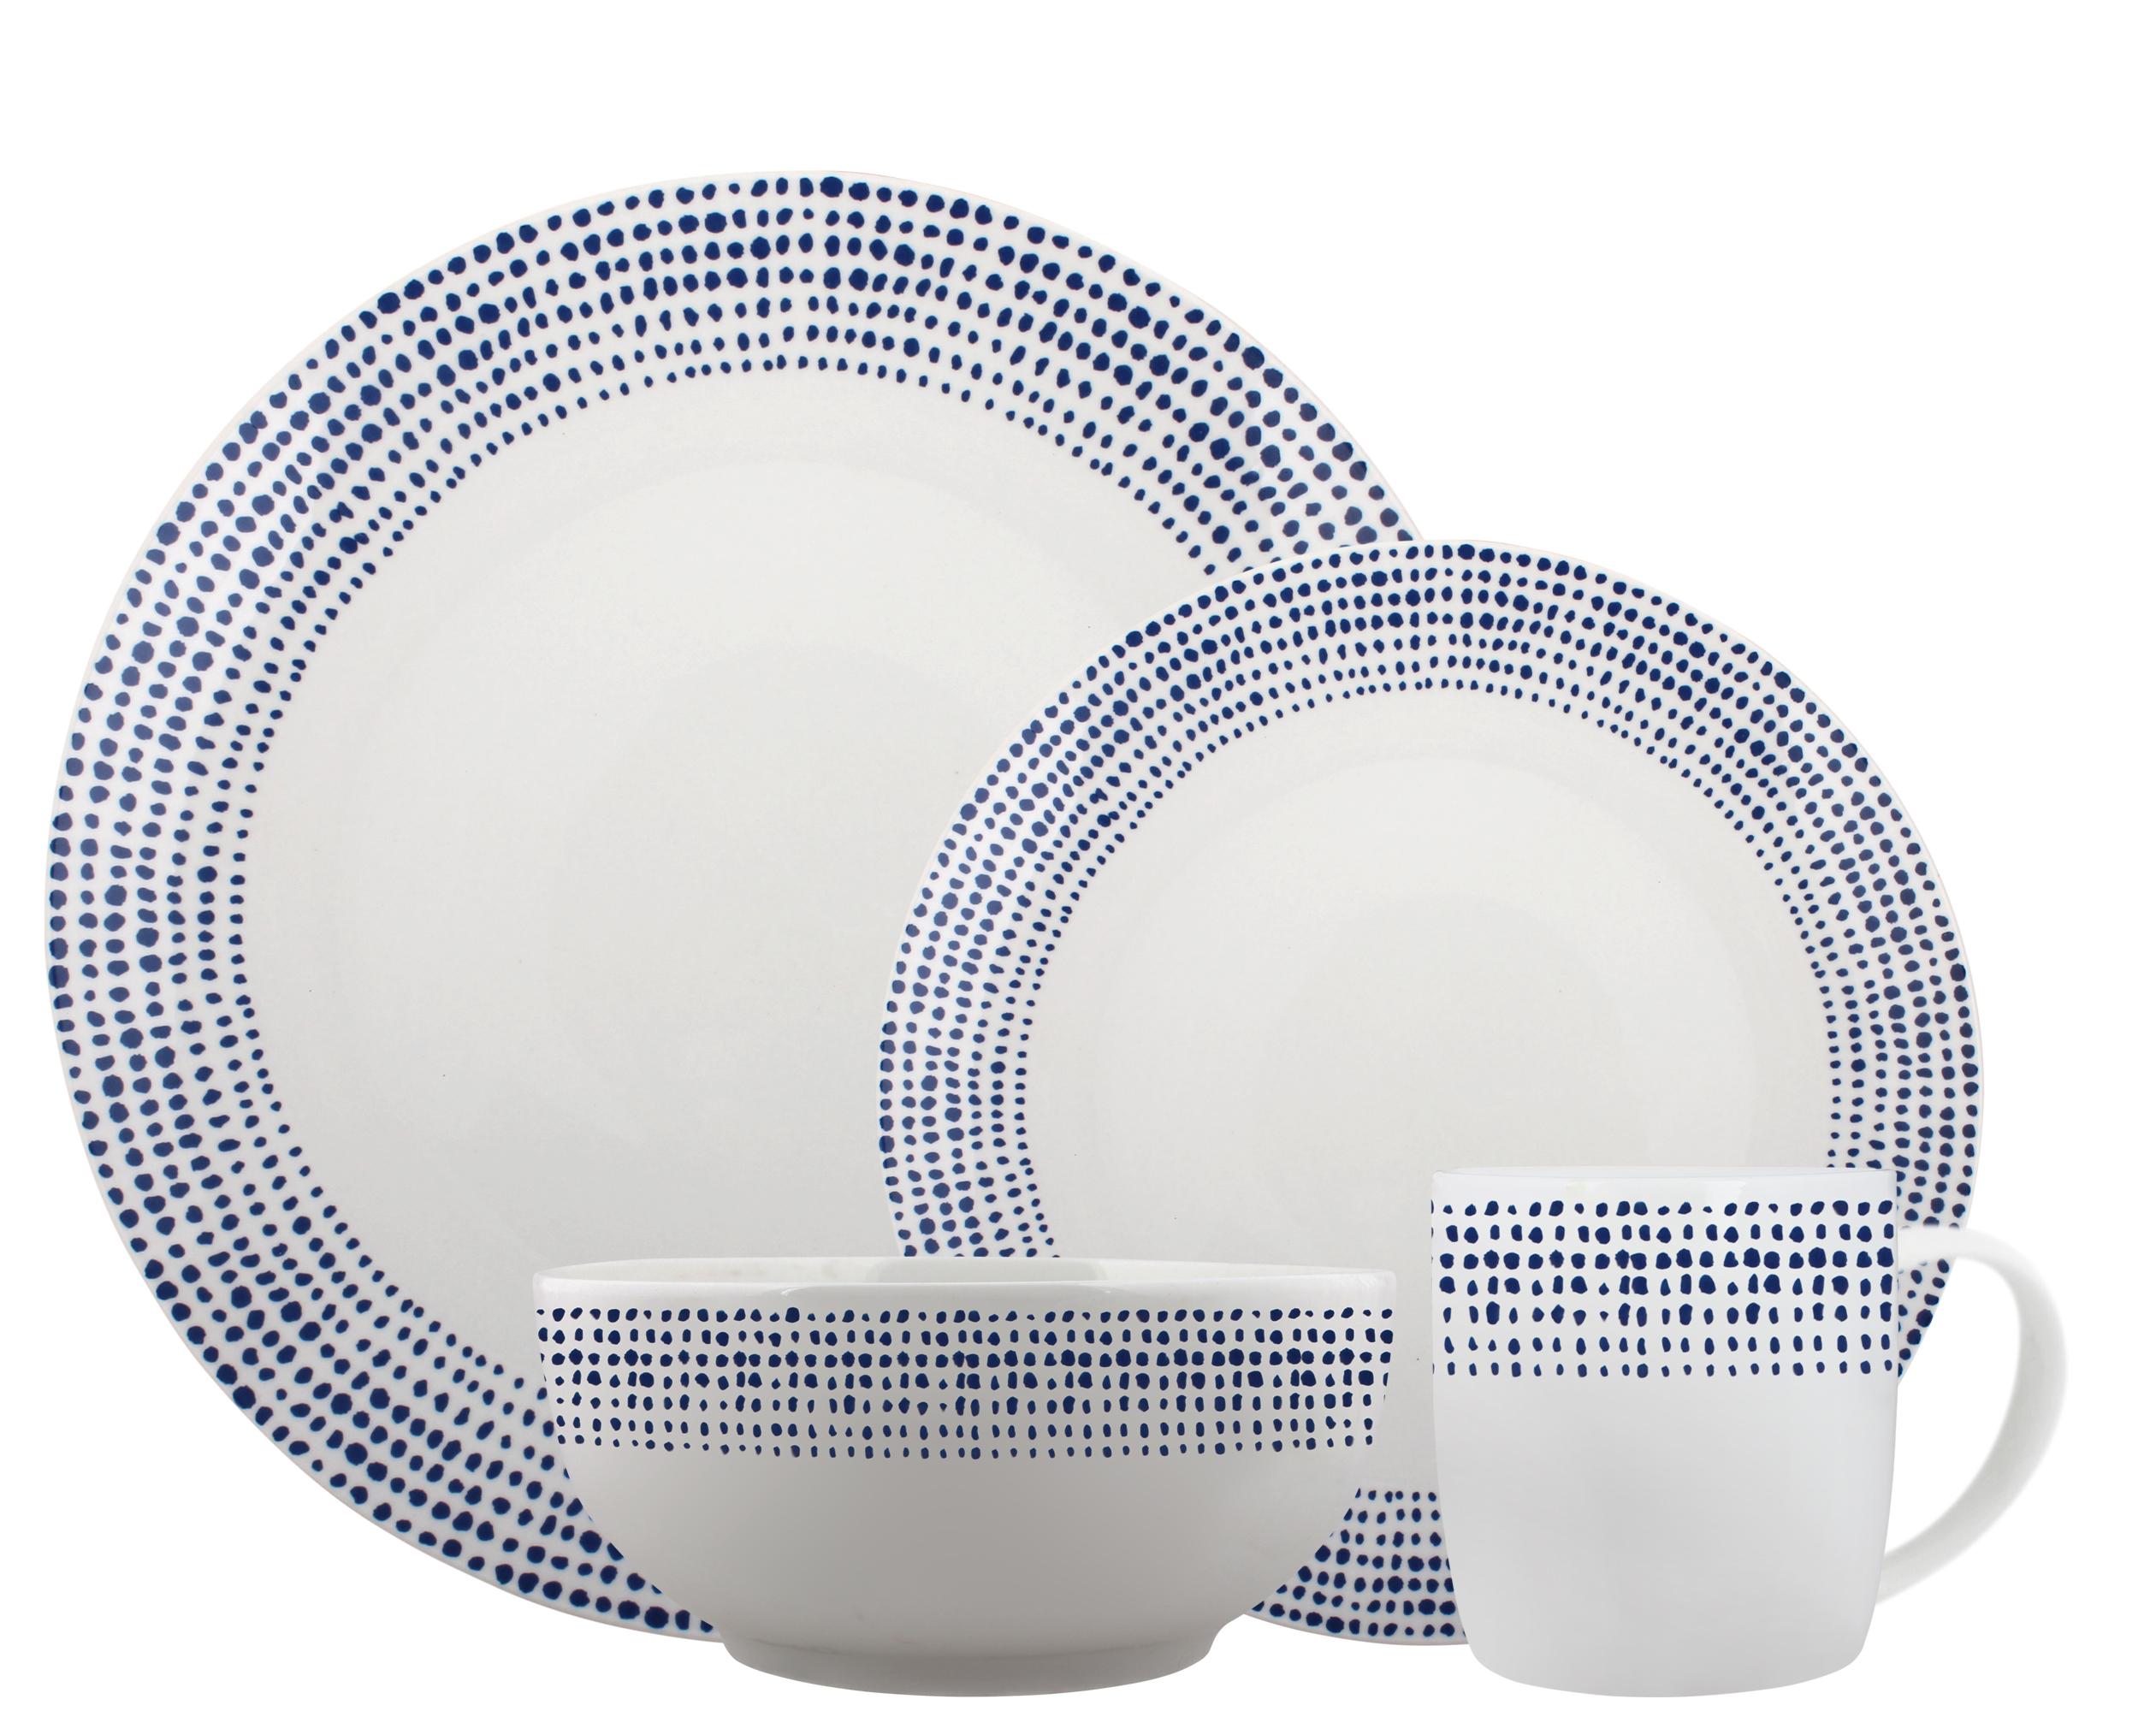 Melange Coupe 16 Piece Porcelain Dinner Set Blue Dots Service For 4 Microwave Dishwasher Oven Safe Dinner Plate Salad Plate Soup Bowl Mug 4 Each 16 Piece Service For 4 Walmart Com Walmart Com